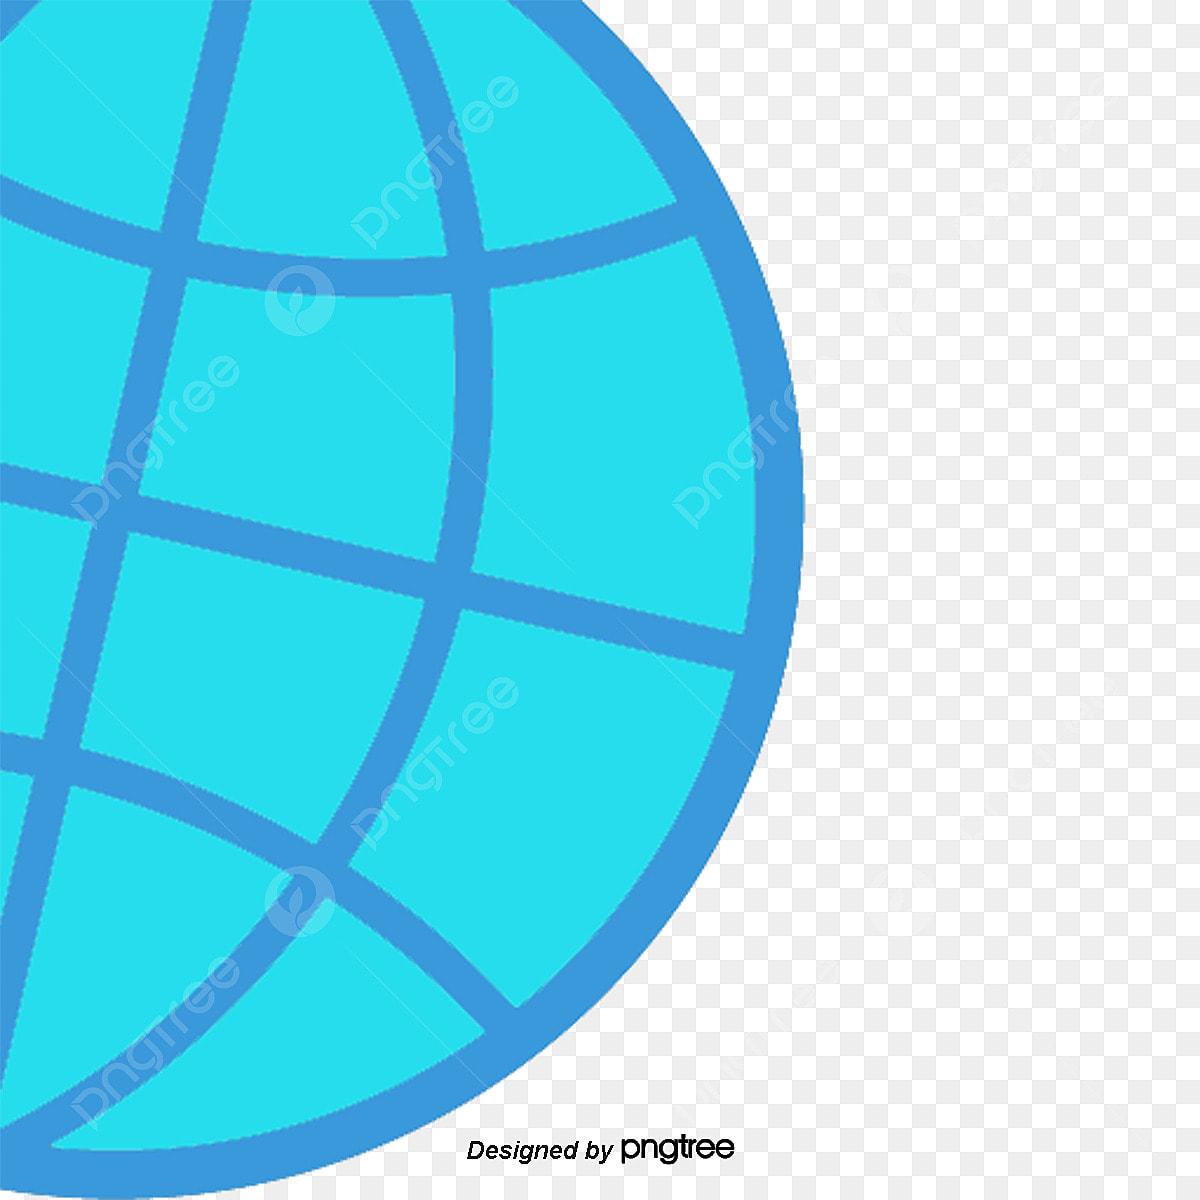 Gambar Biru Lintang Dan Bujur Dari Elemen Bumi Garis Lintang Dan Garis Bujur Vektor Bumi Biru Png Dan Psd Untuk Muat Turun Percuma